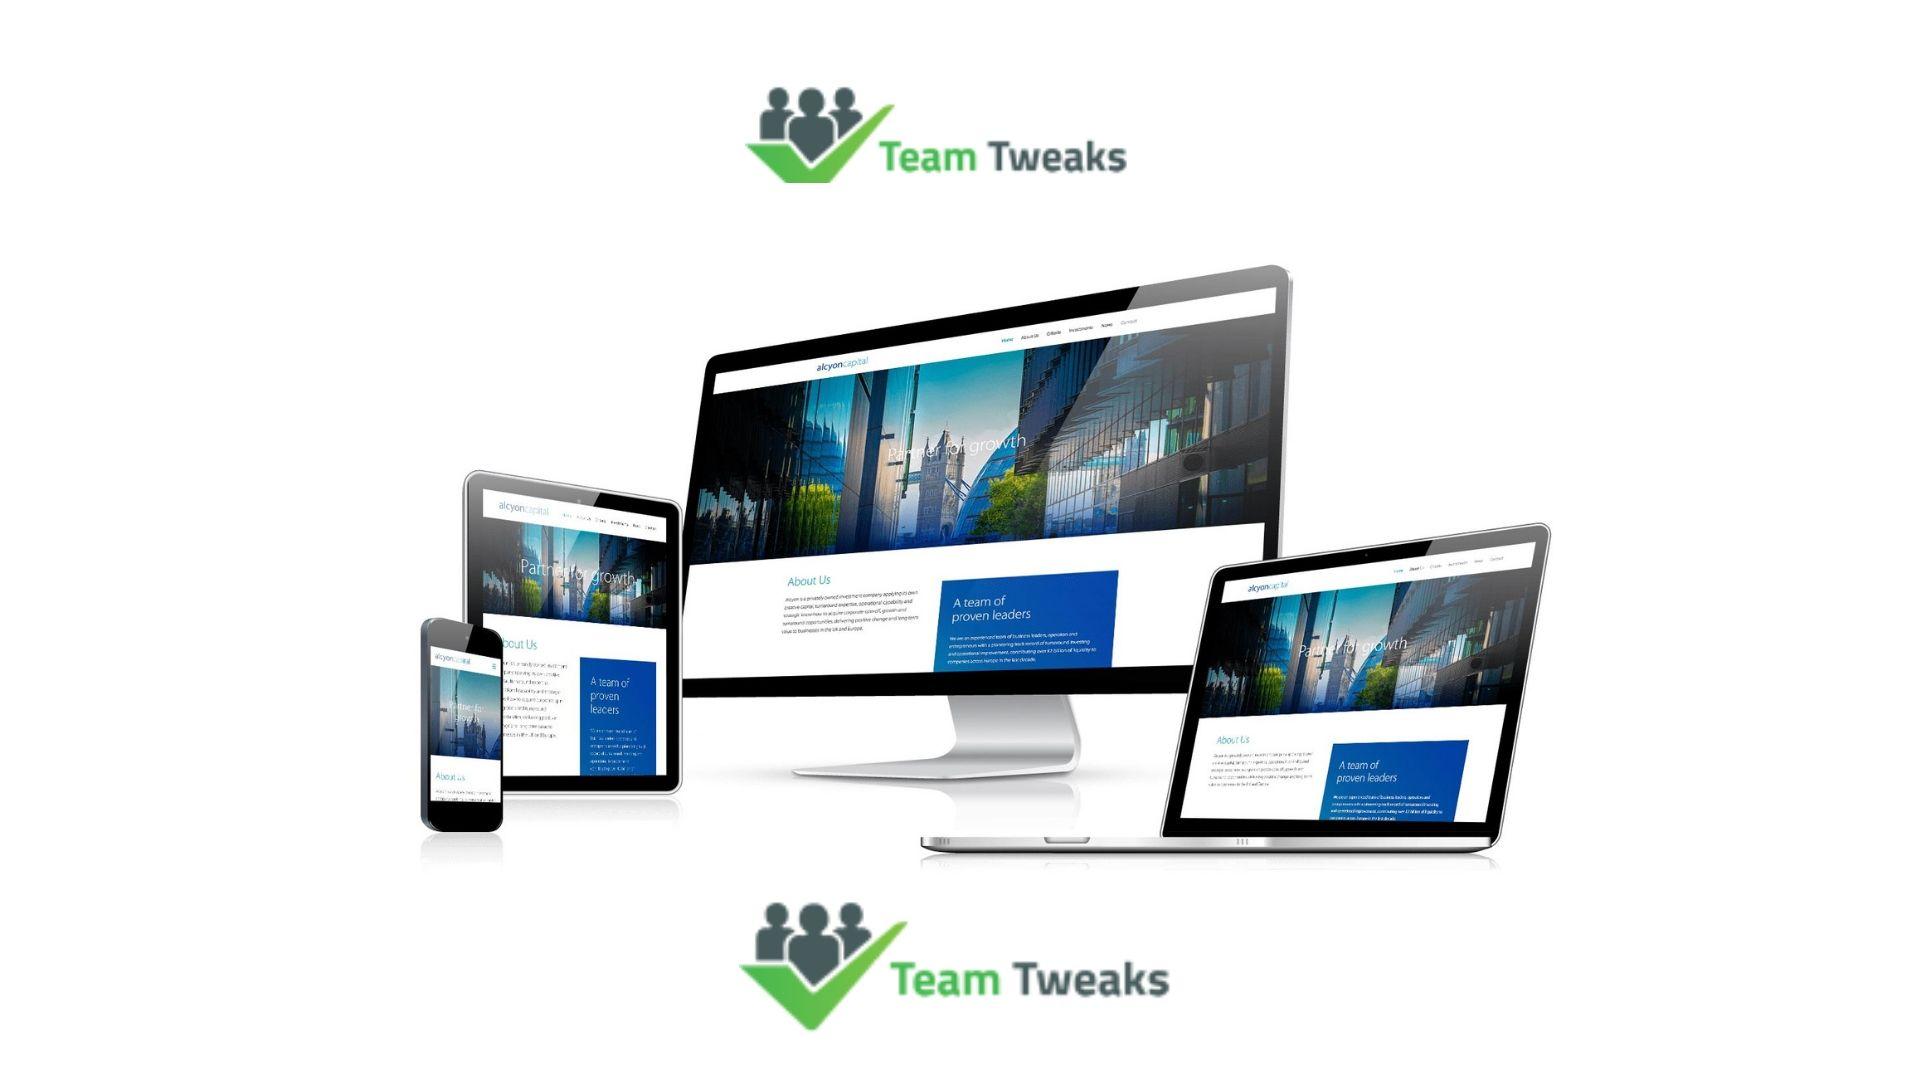 Team tweaks is one of the popular mobile app